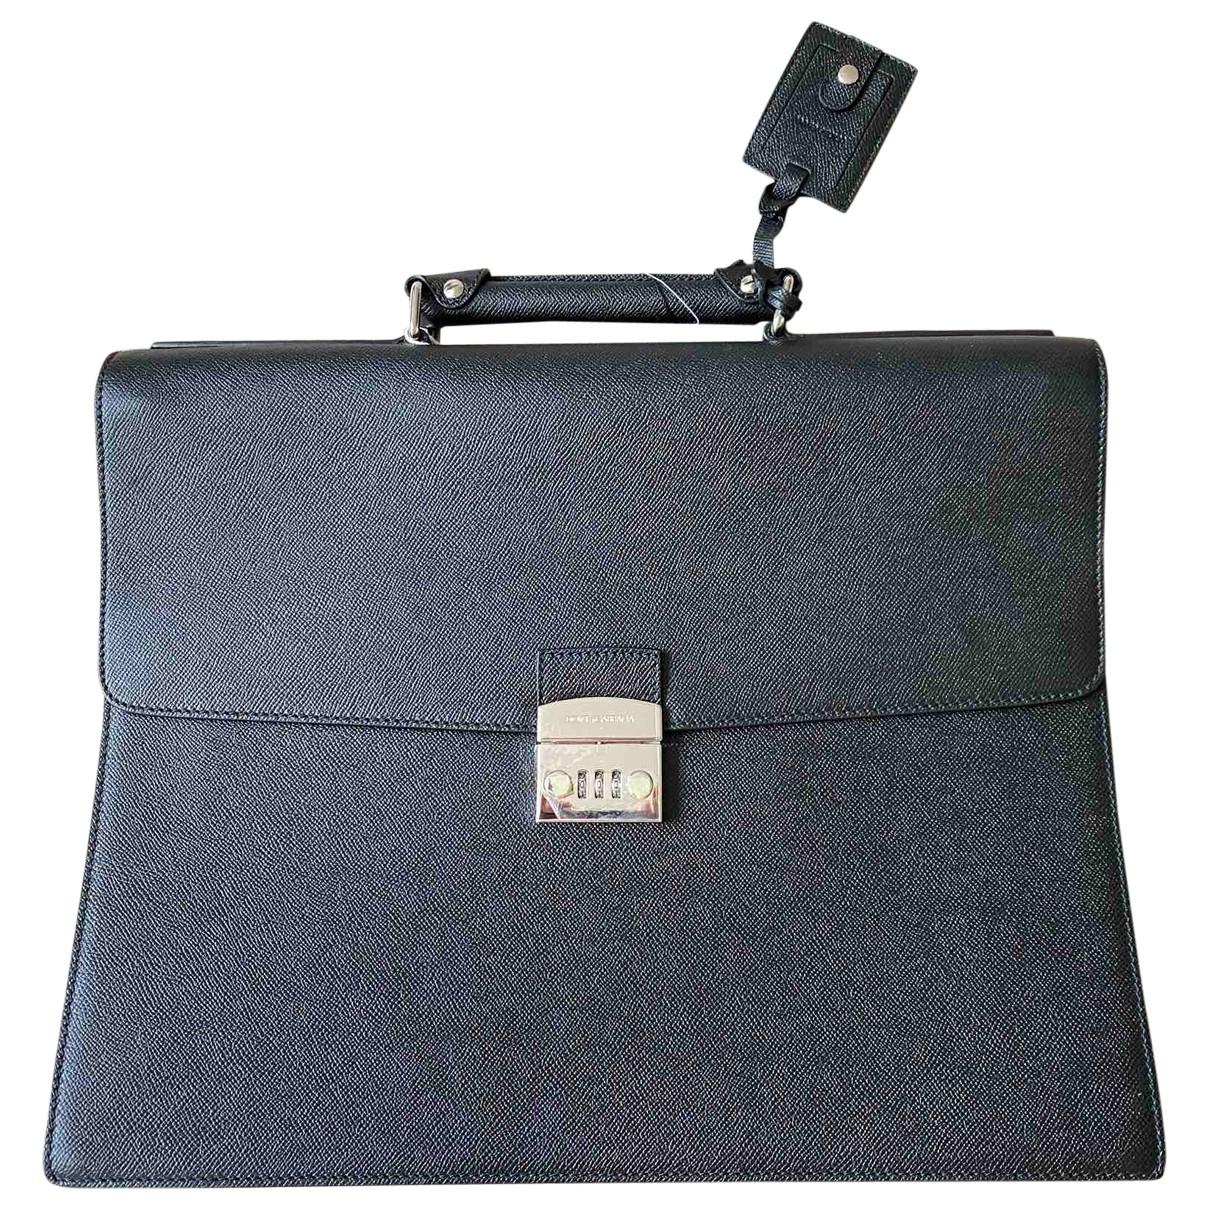 Dolce & Gabbana - Sac   pour homme en cuir - noir